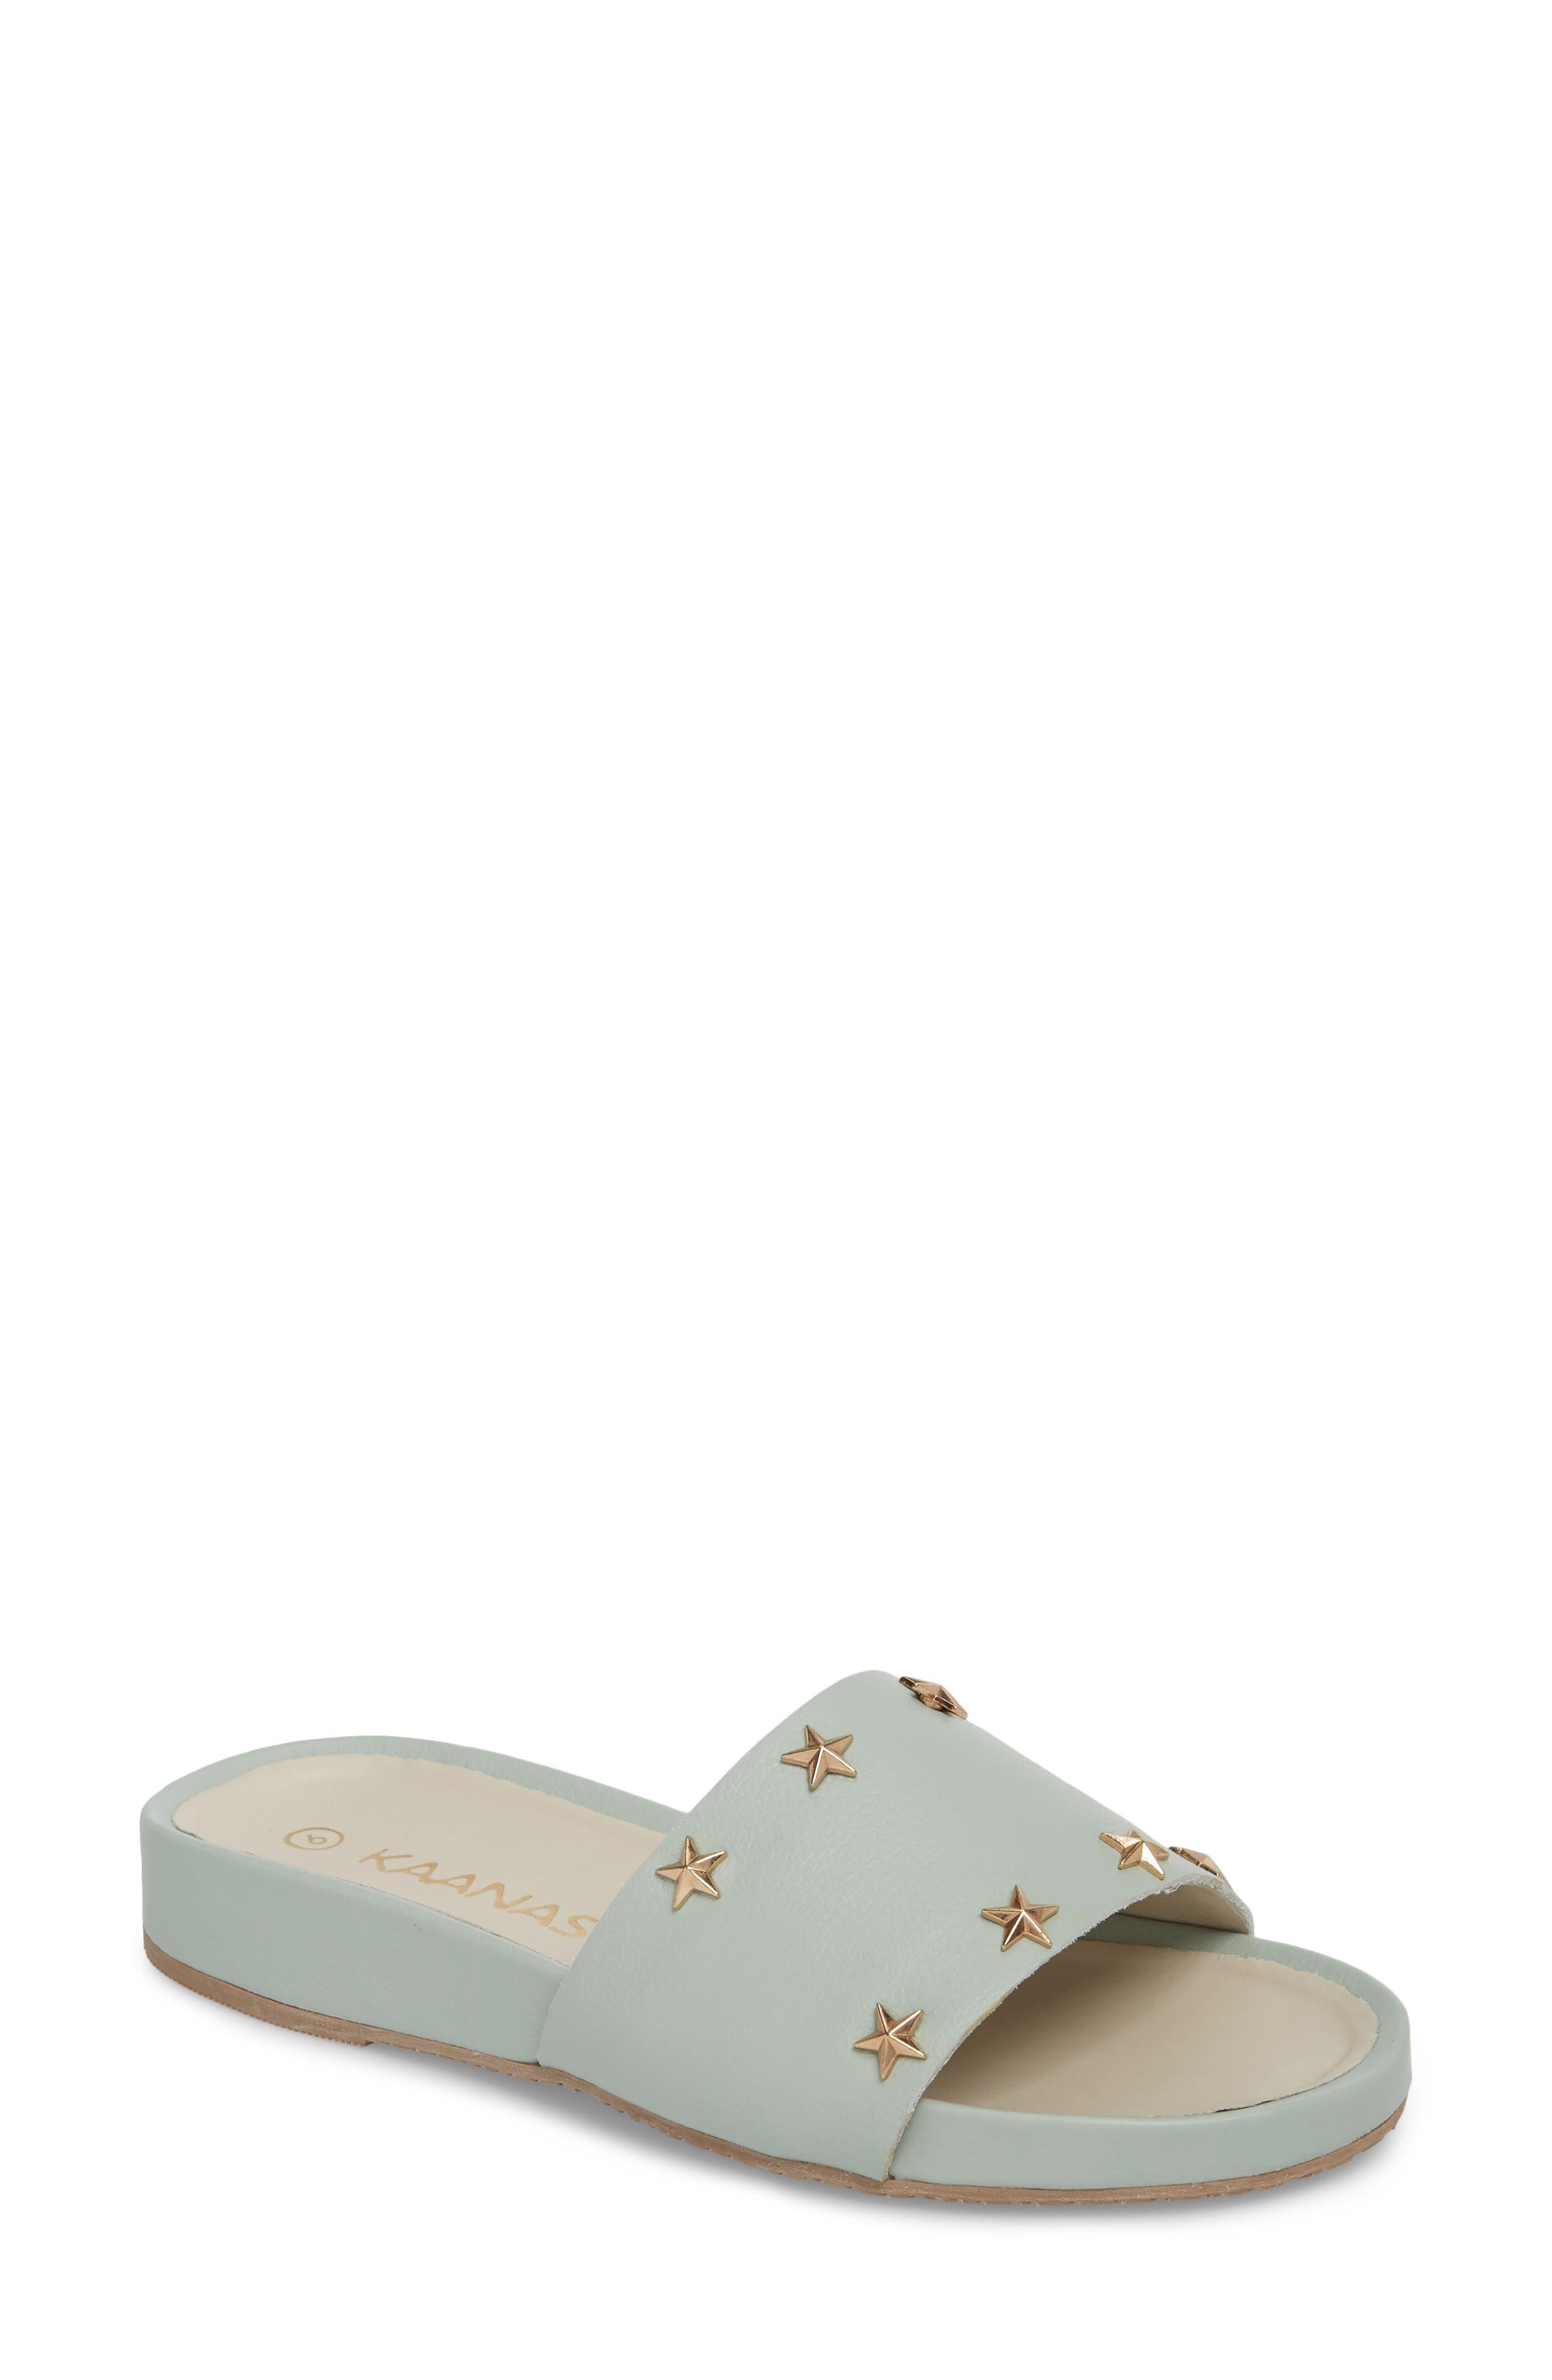 Bodrum Slide Sandal,                             Main thumbnail 1, color,                             Mint